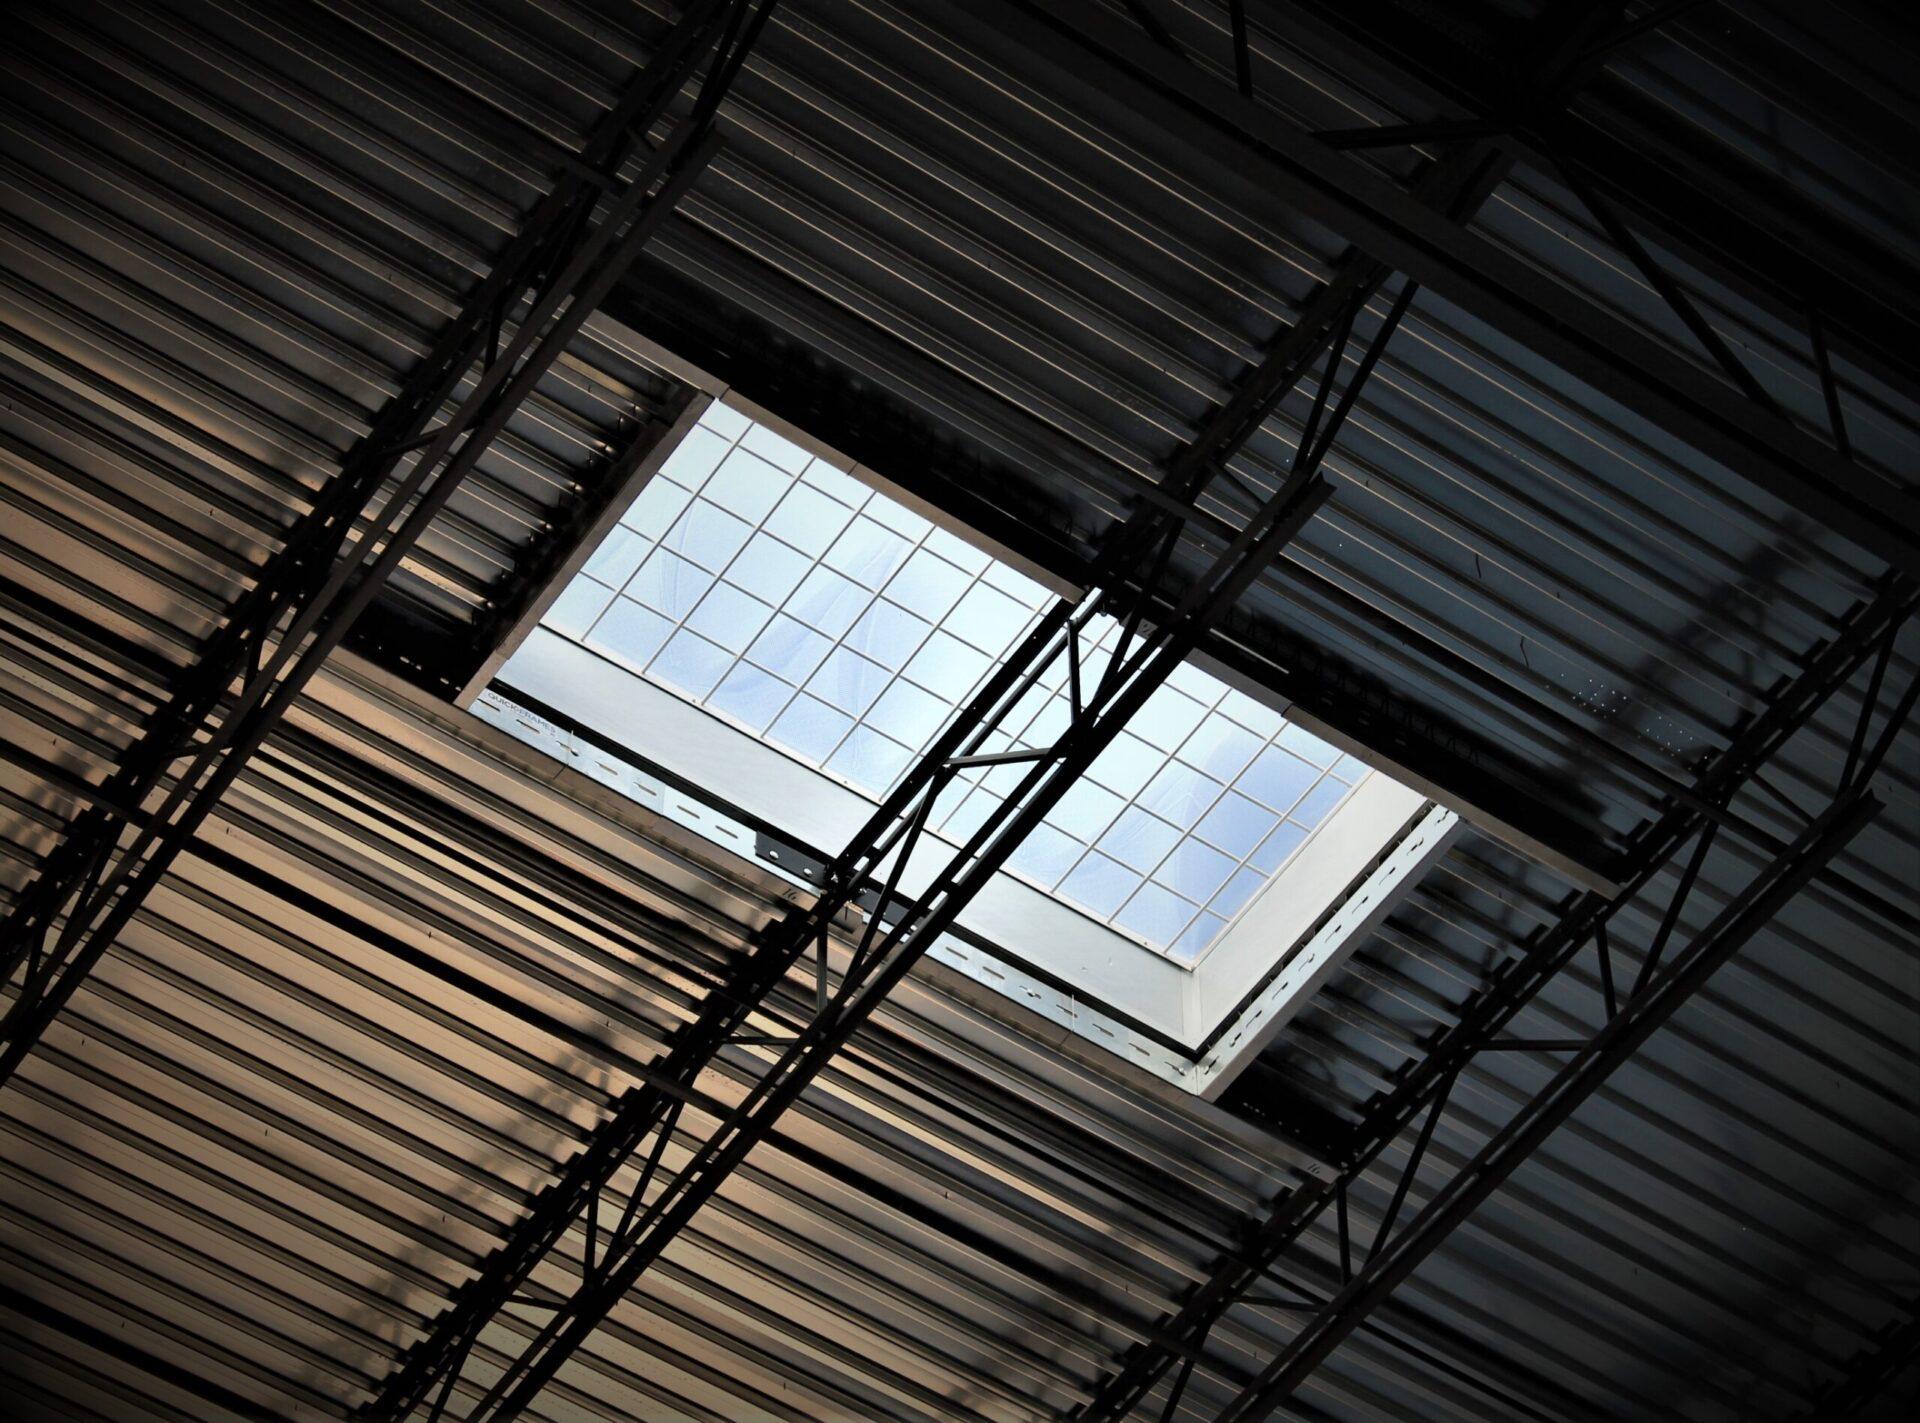 QuickFrames Skylight Installation